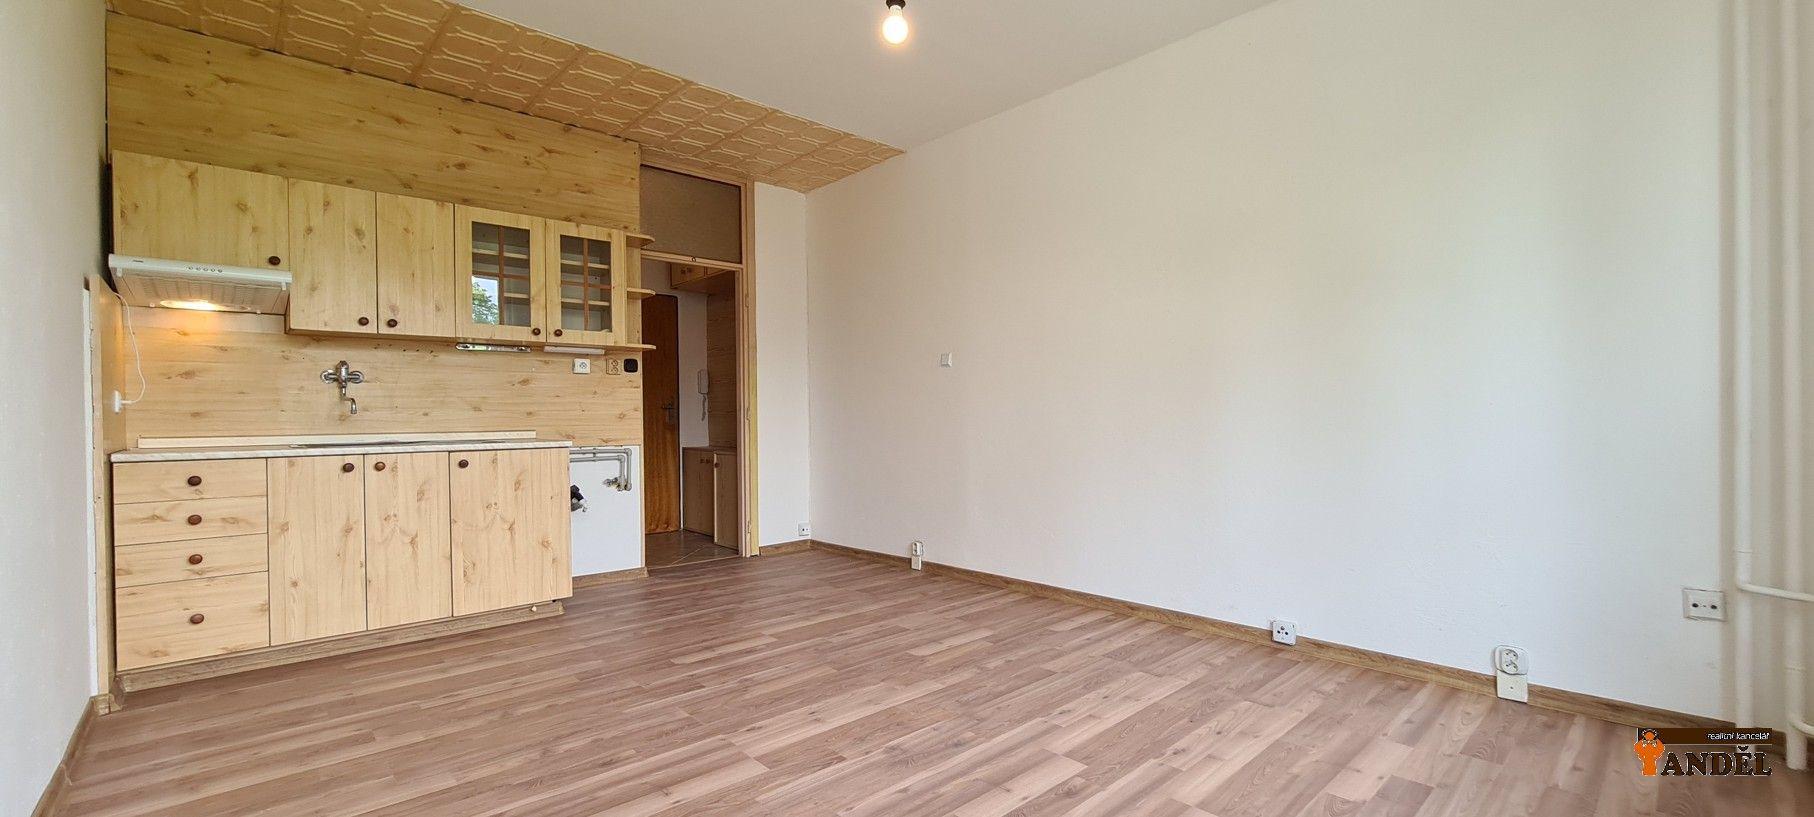 Prodej bytu 1+kk, os.vlast., Frýdek Místek